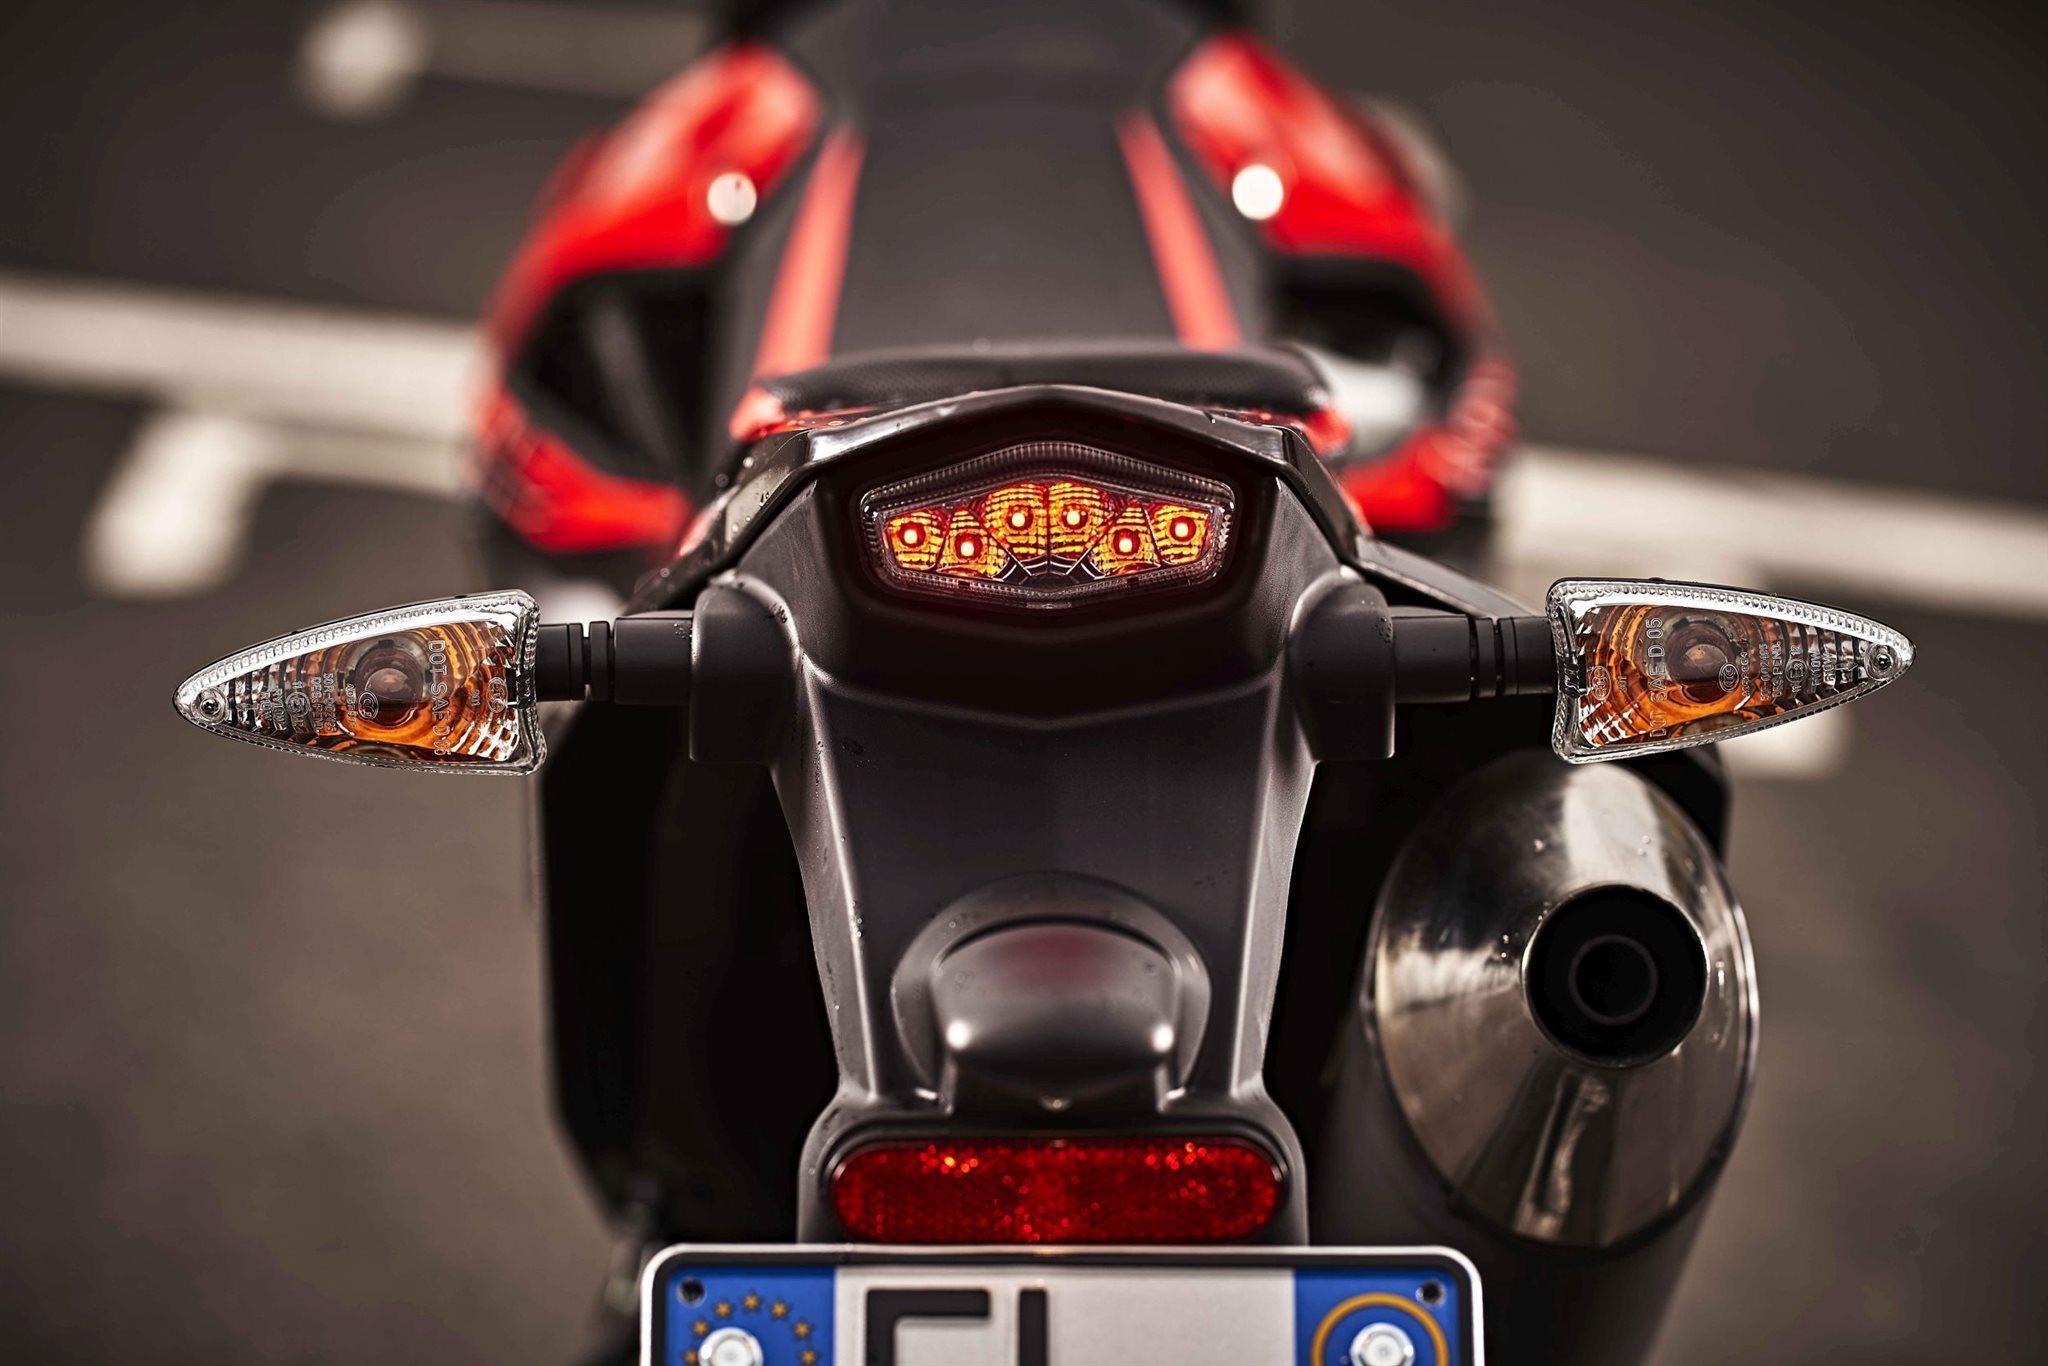 Aprilia SX 125 Supermoto Motorrad, neu